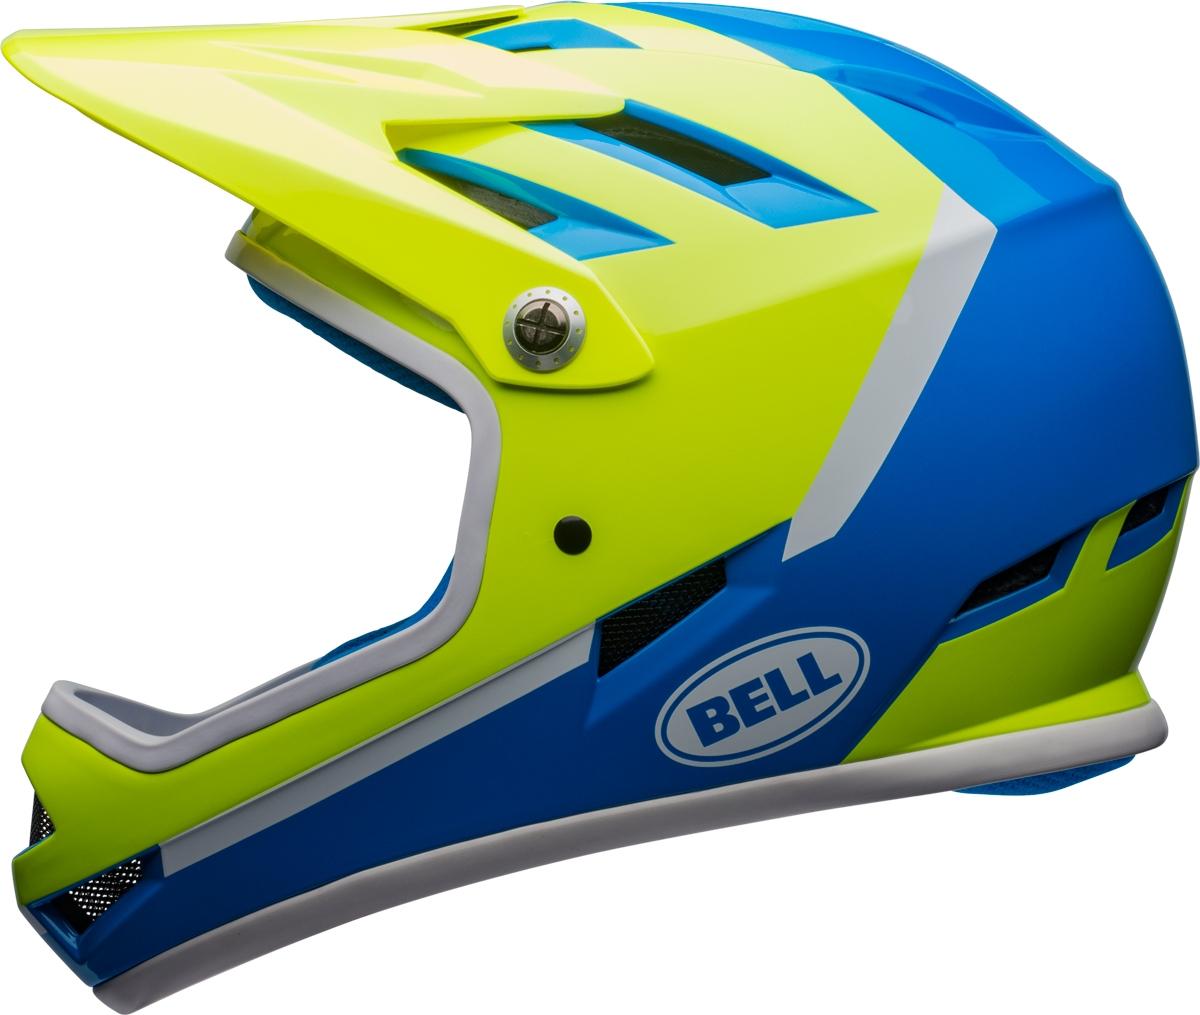 Casque Bell SANCTION Force Bleu/Retina Sear - S (52-56 cm)